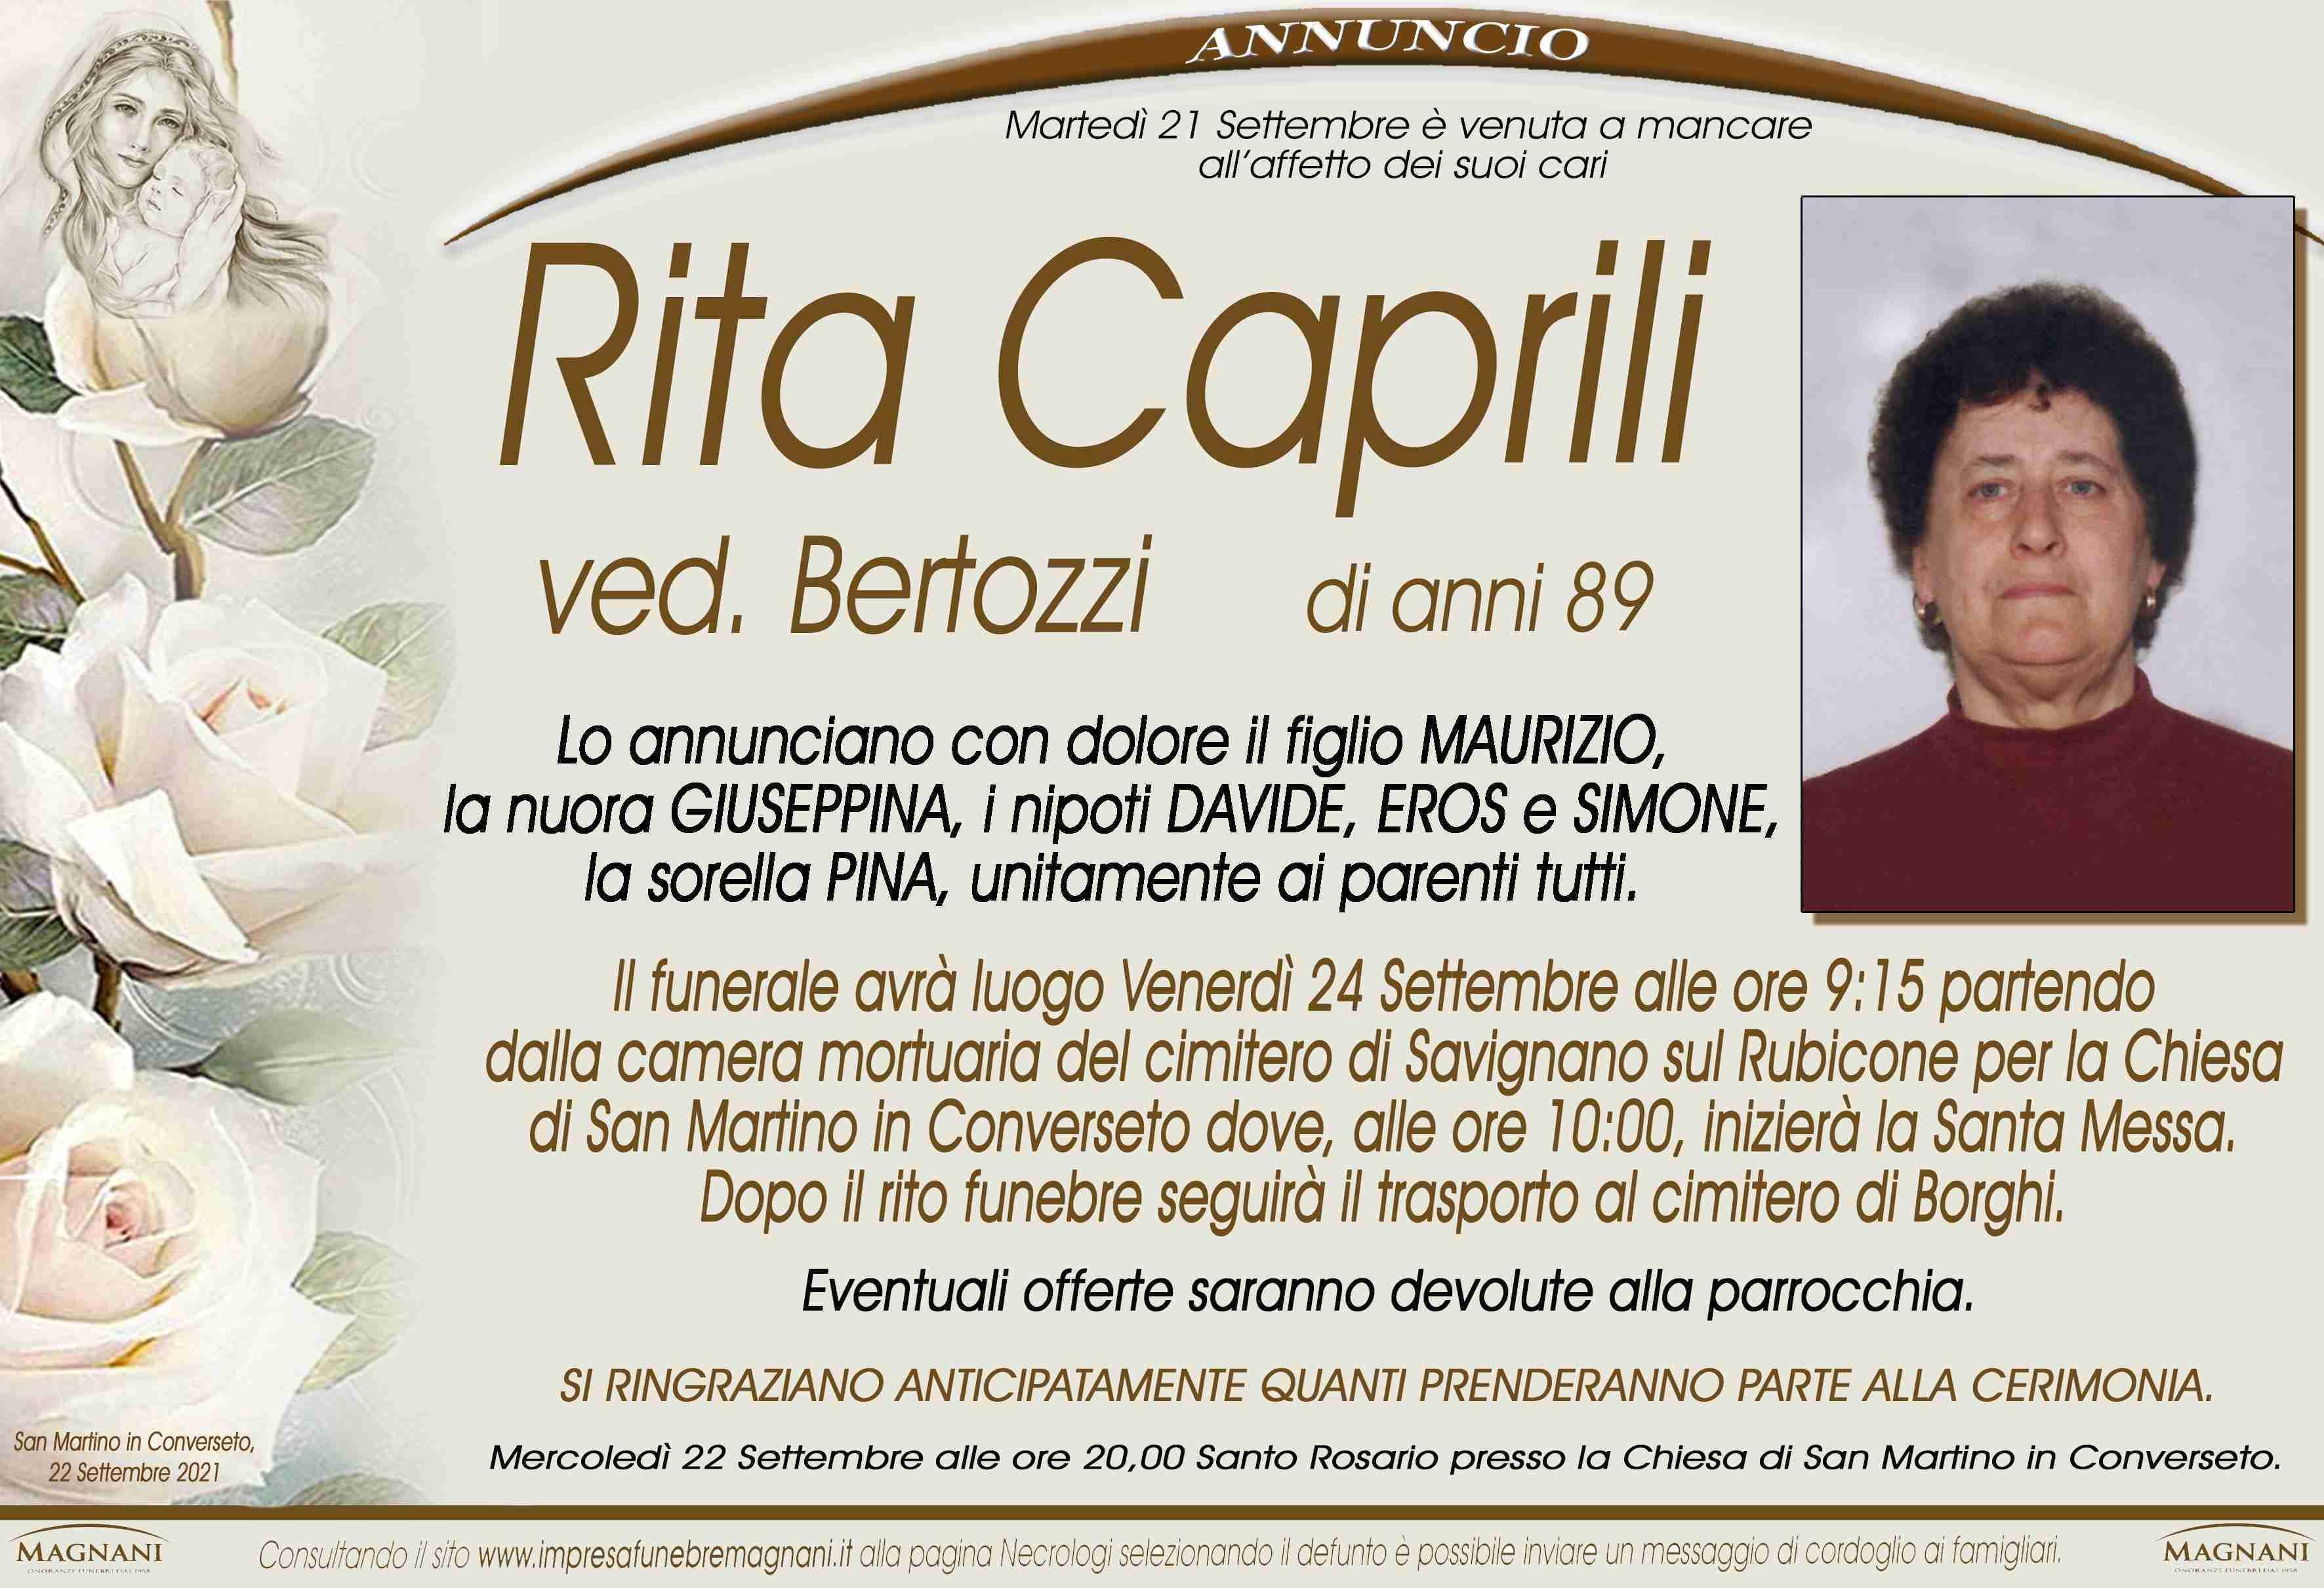 Rita Caprili